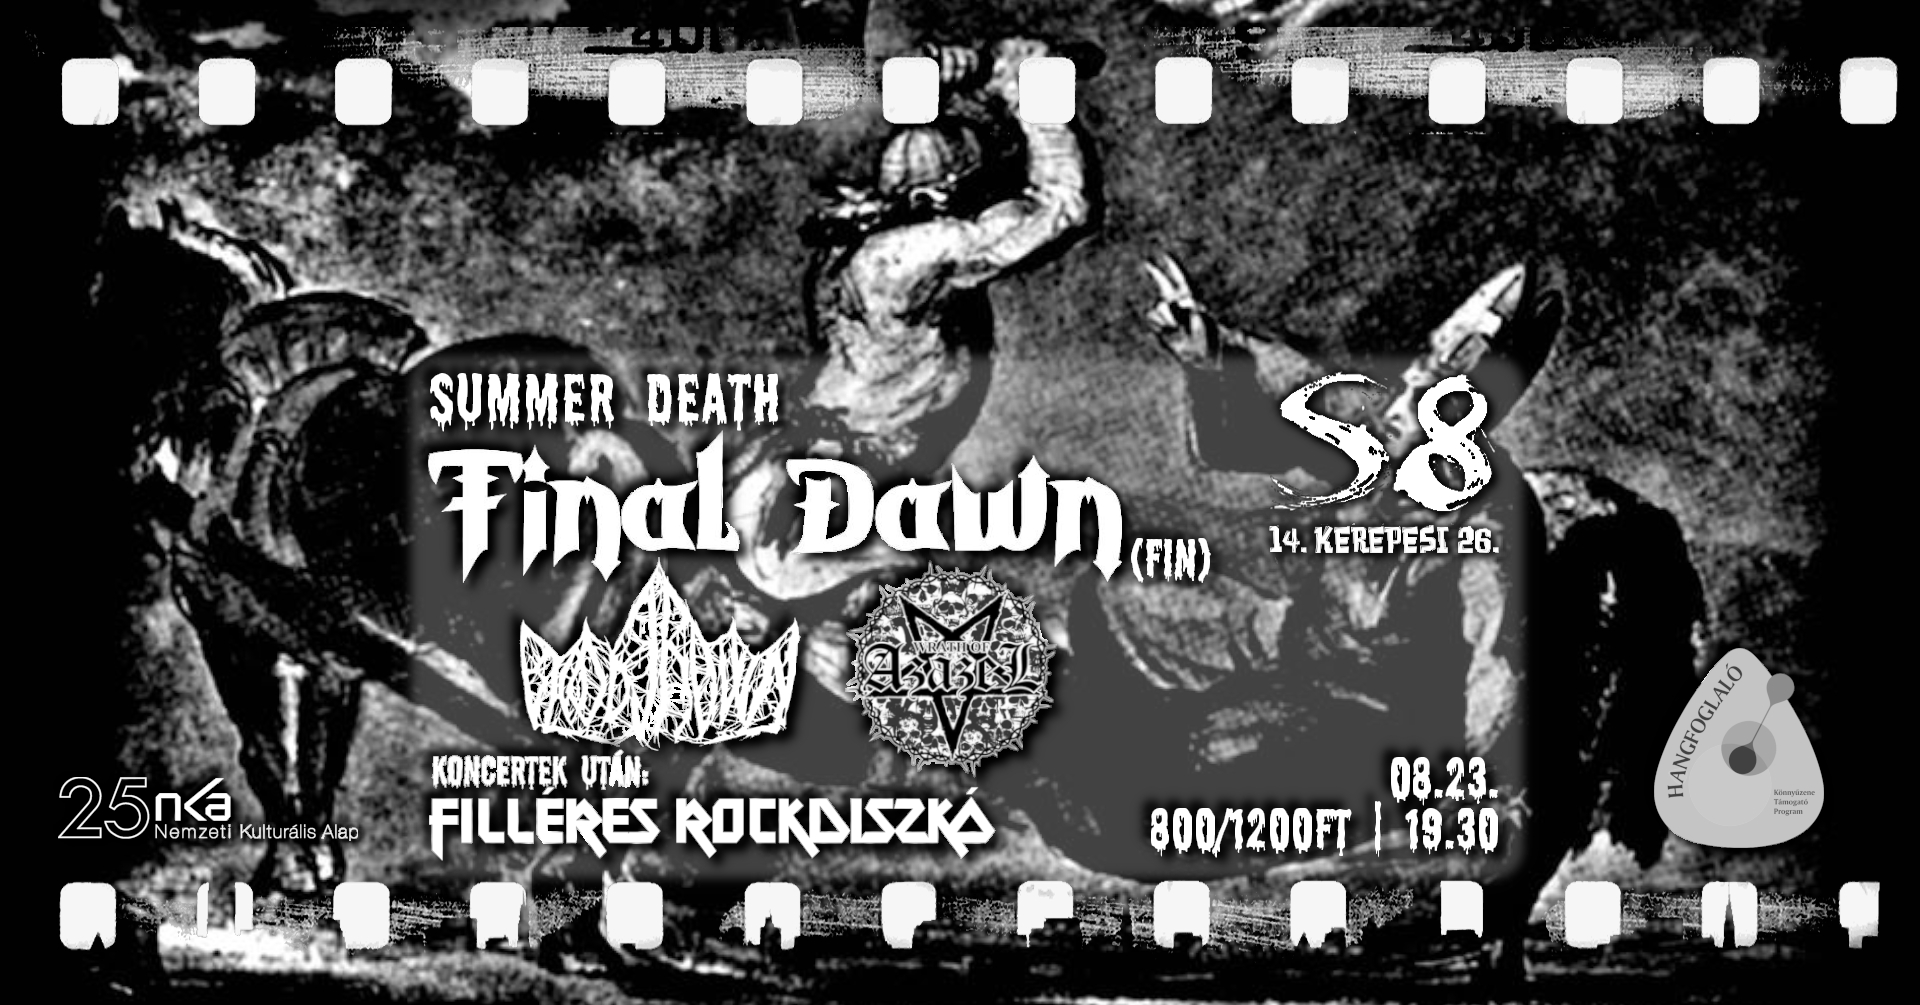 Summer Death - Final Dawn [FIN] I Wrath of Azazel I Bloodcrown